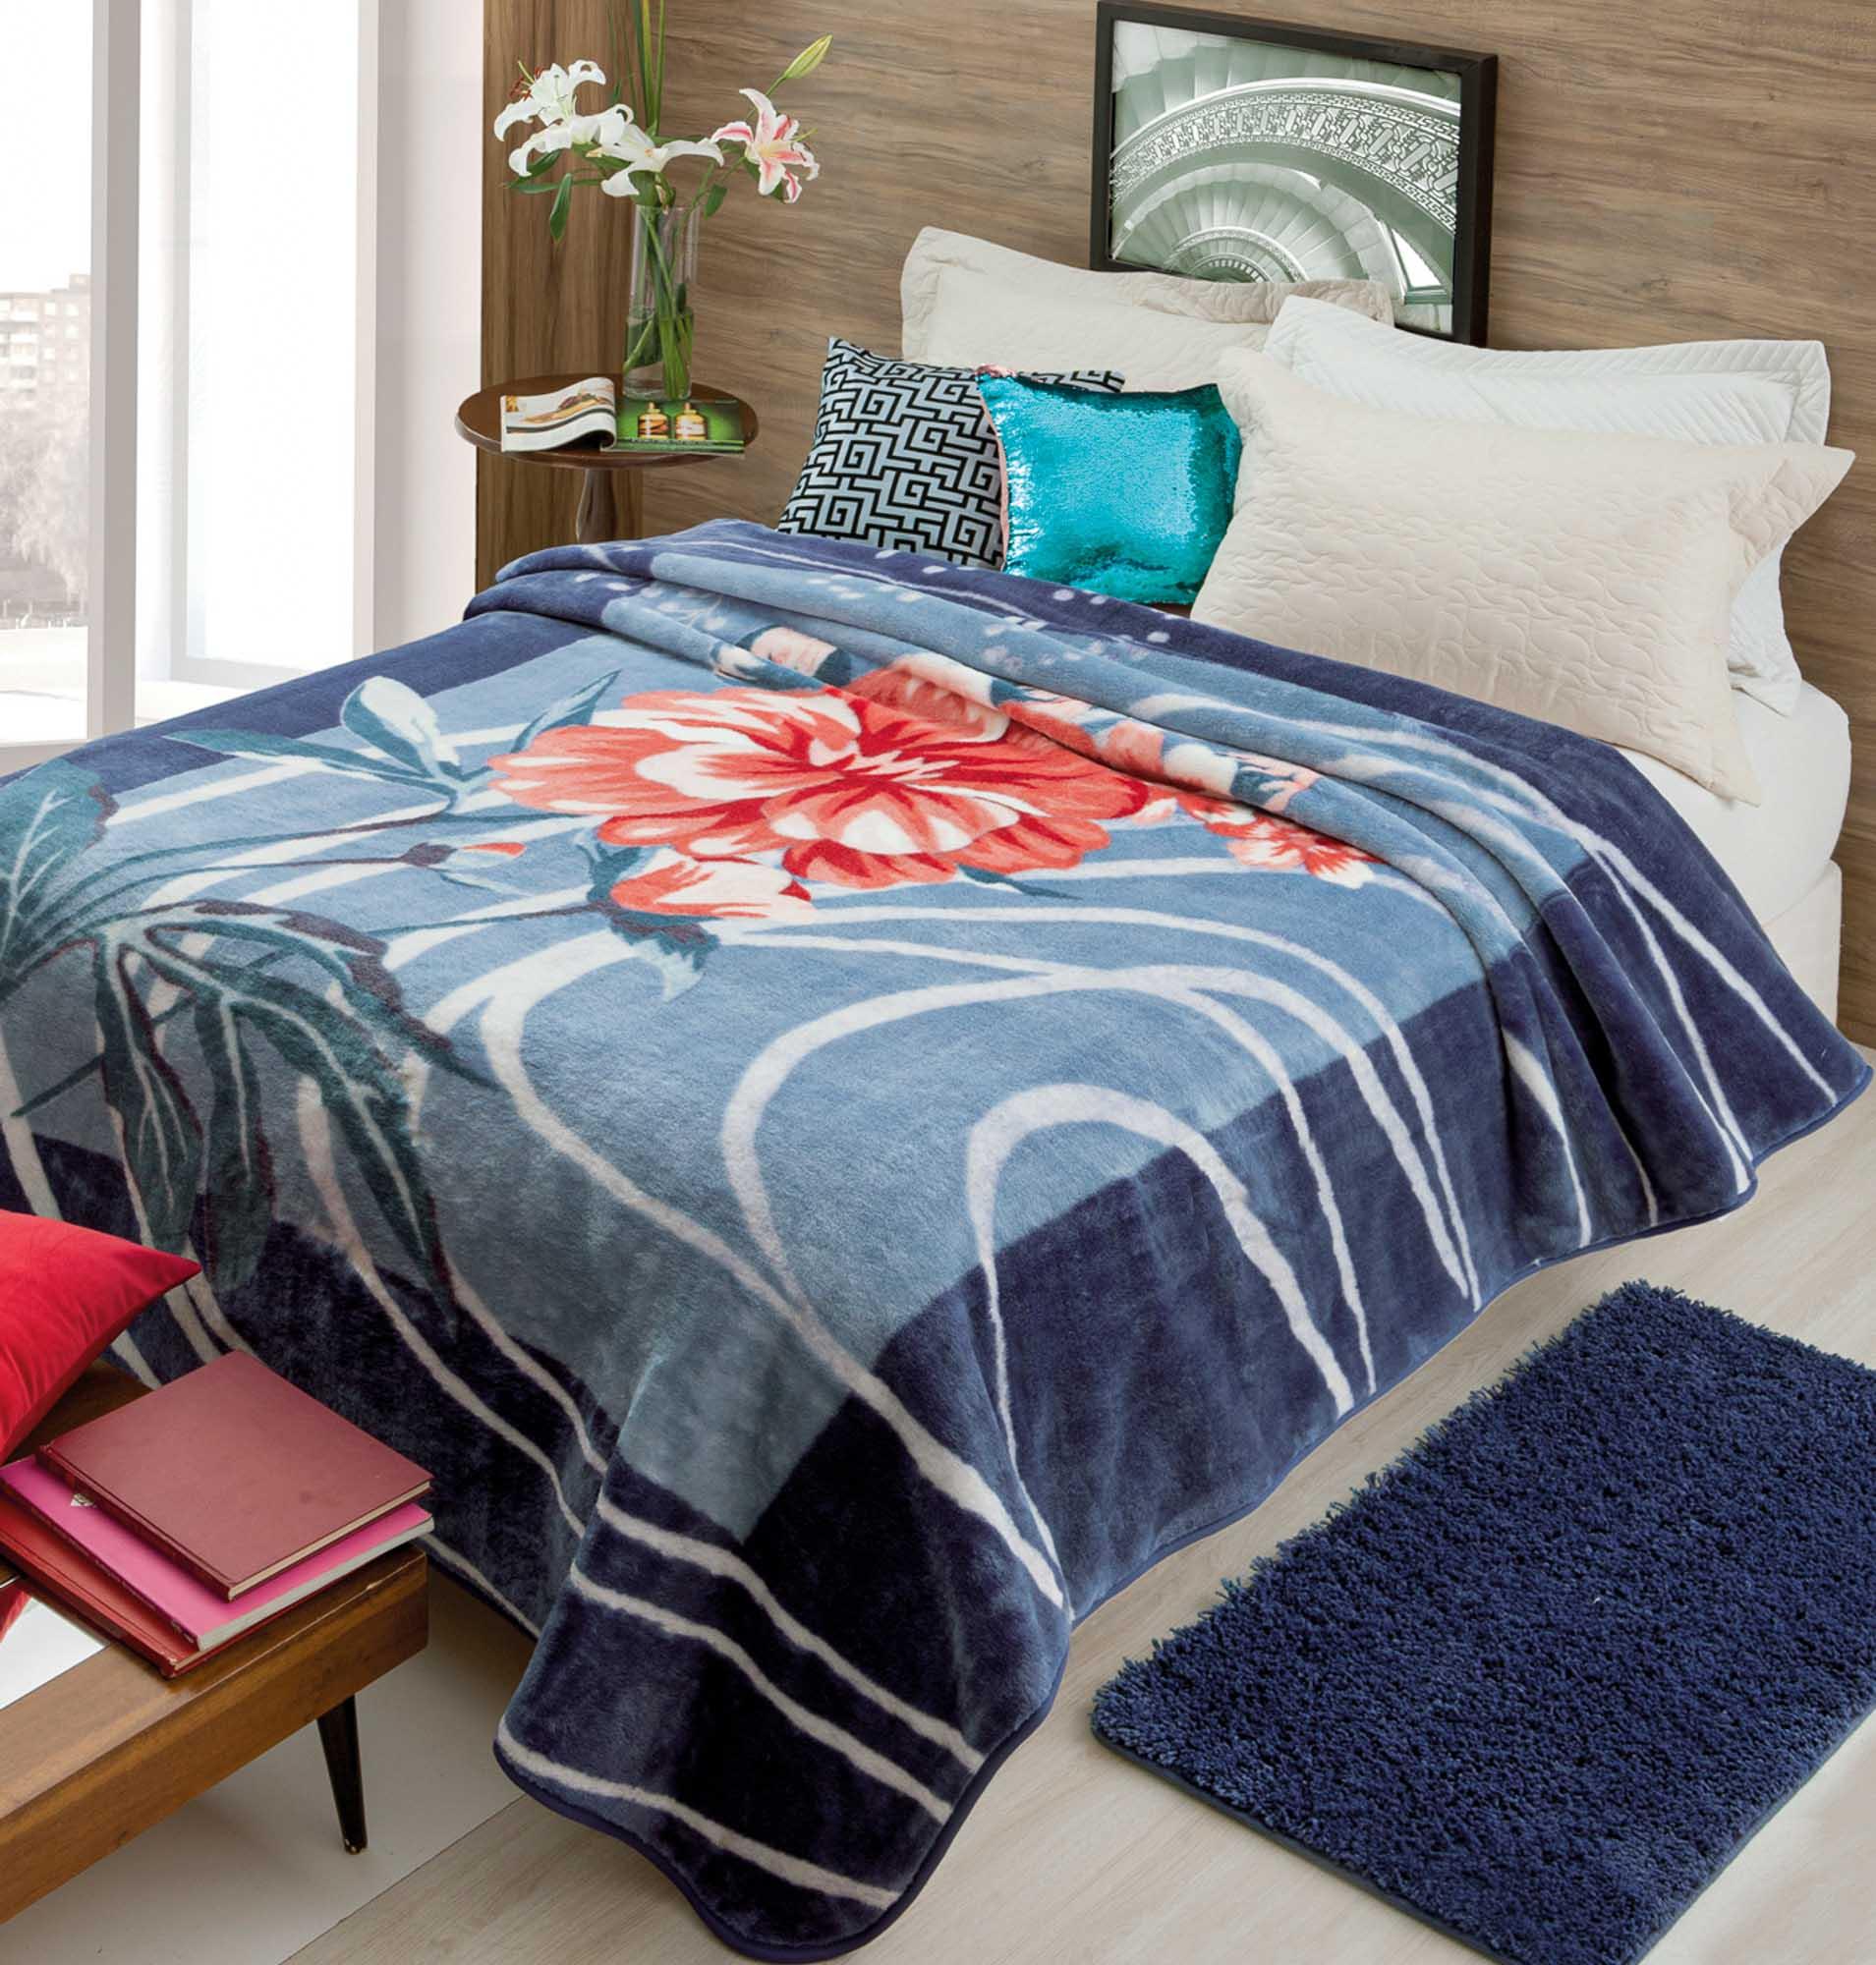 Cobertor Jolitex Raschel Casal 1,80x2,20m Miquerinos Azul